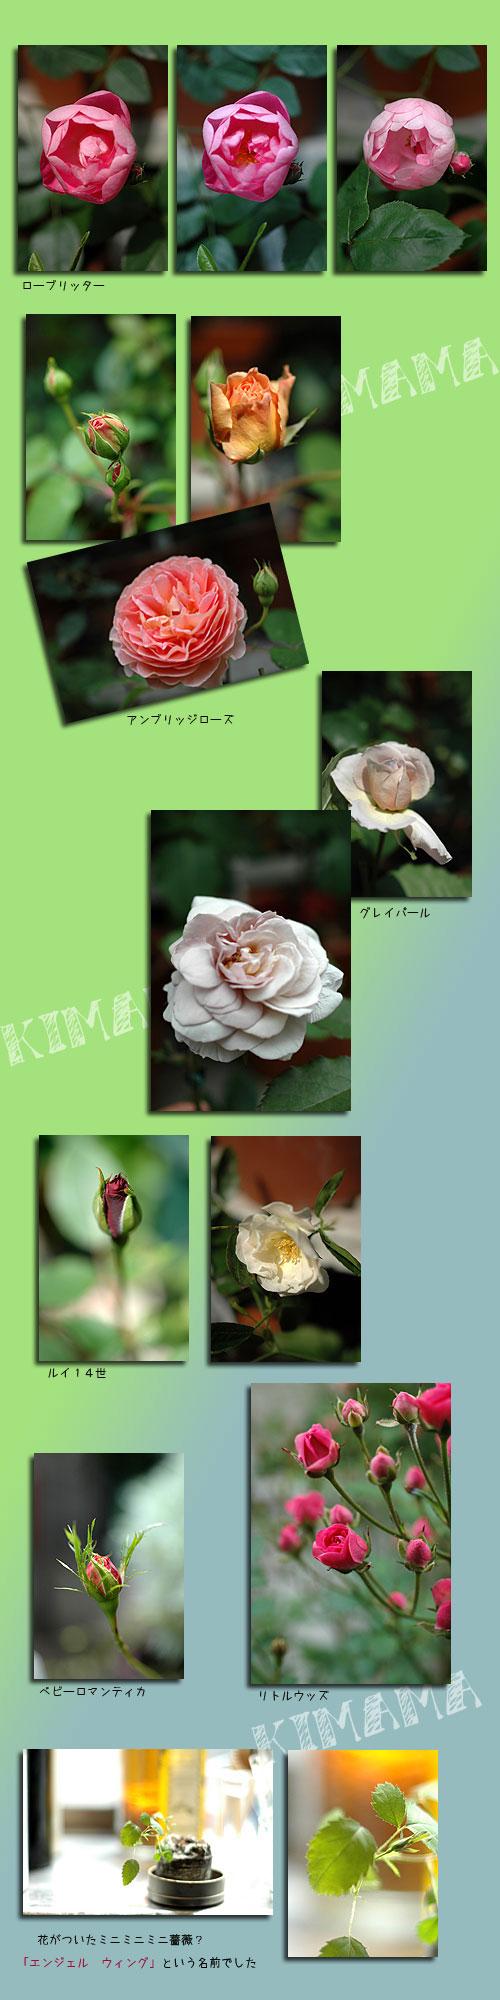 5月24日庭の薔薇2